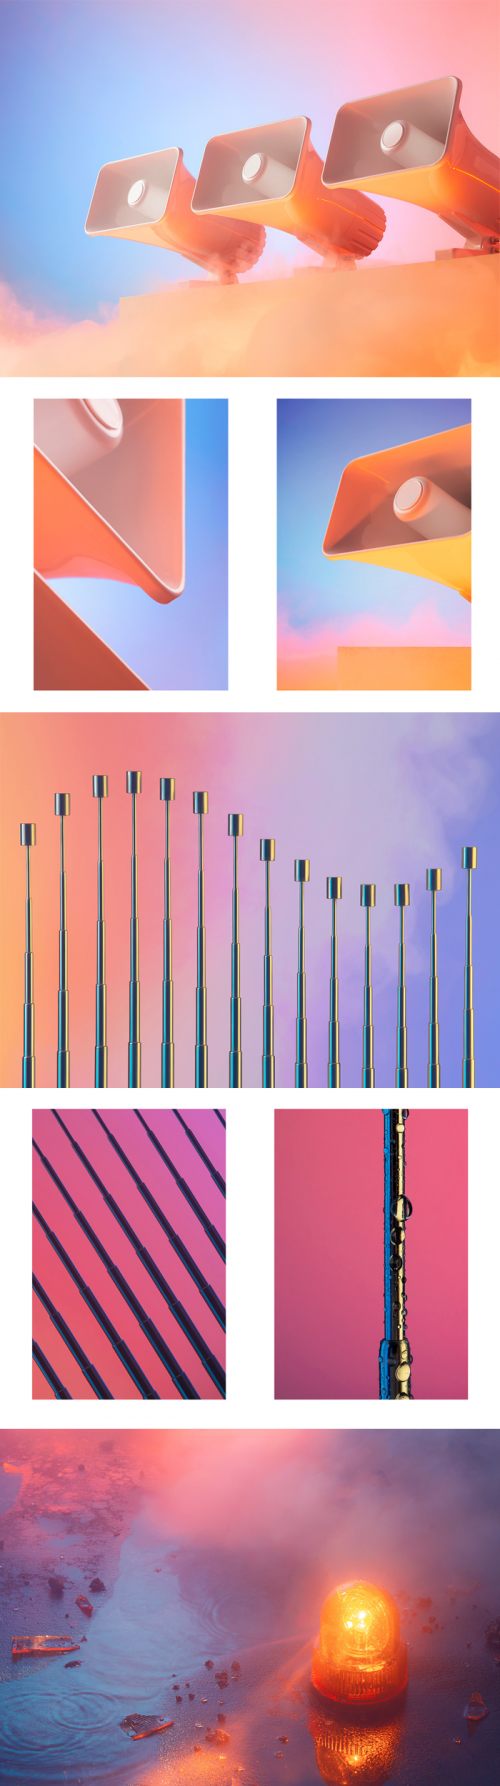 Signals – Avant Post | 3D Design